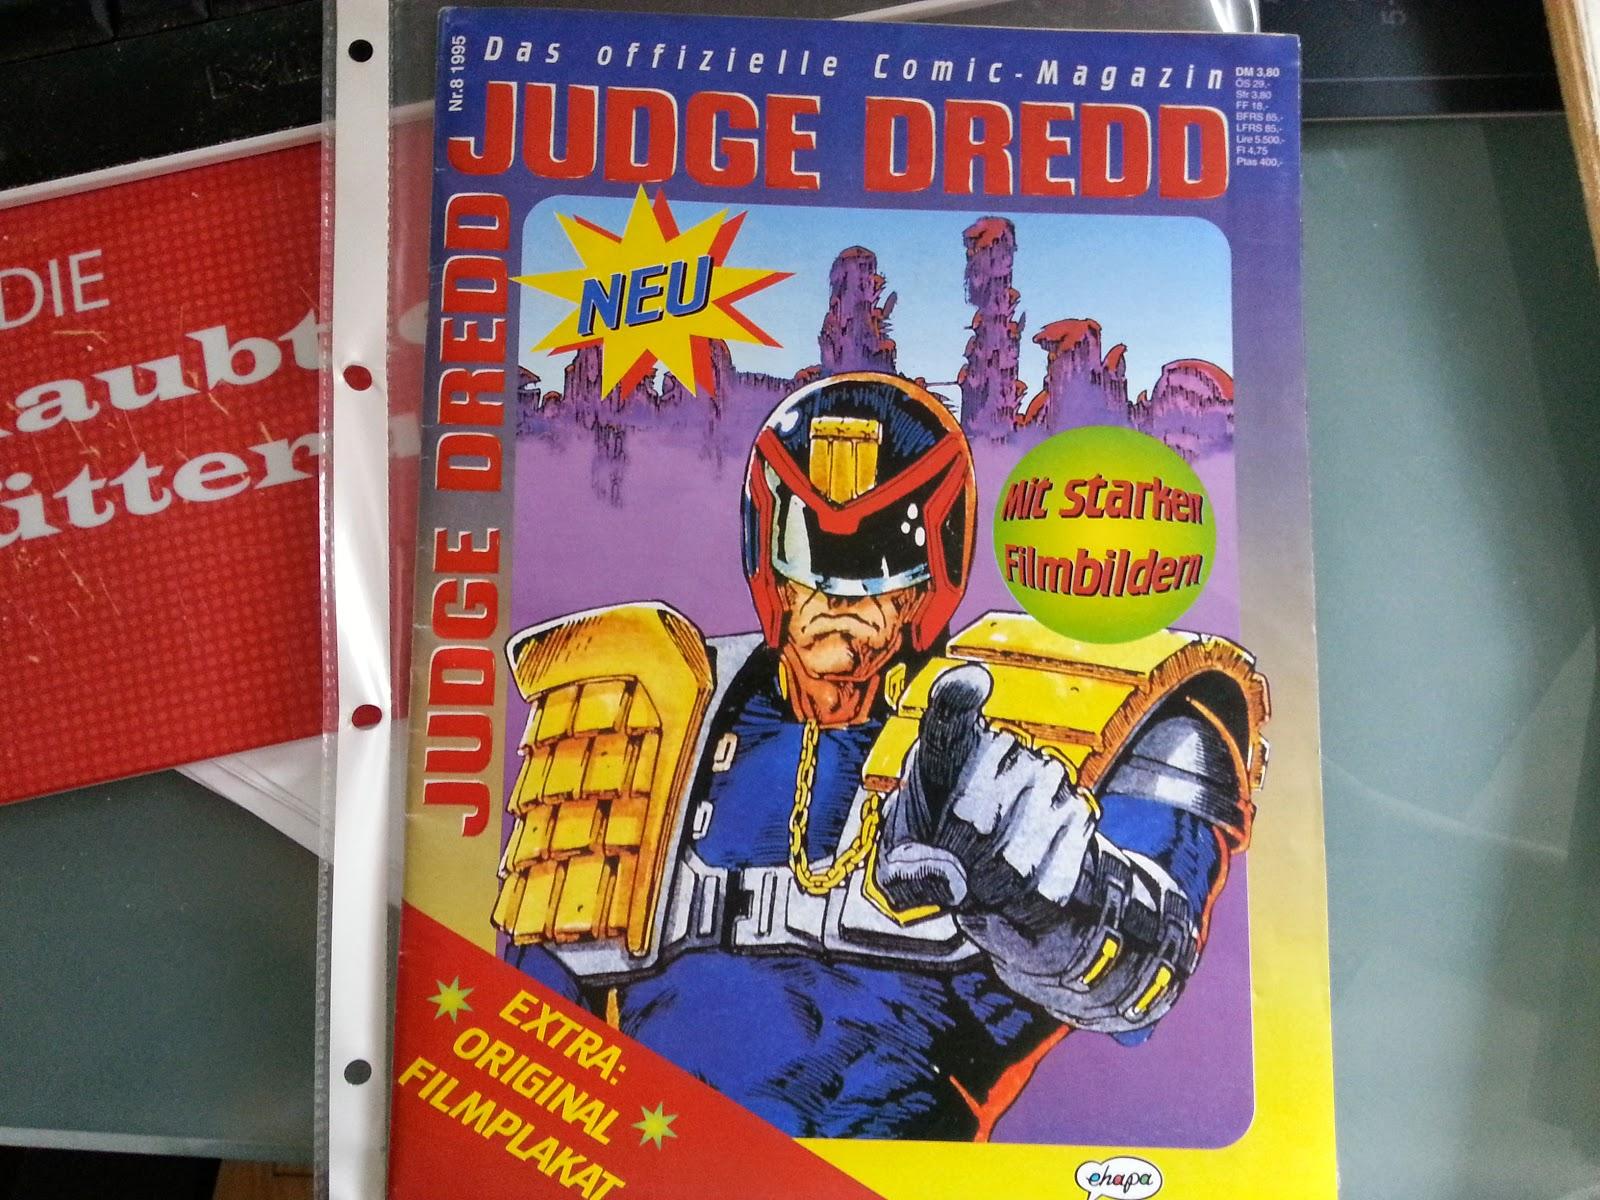 Titel Judge Dredd Comic